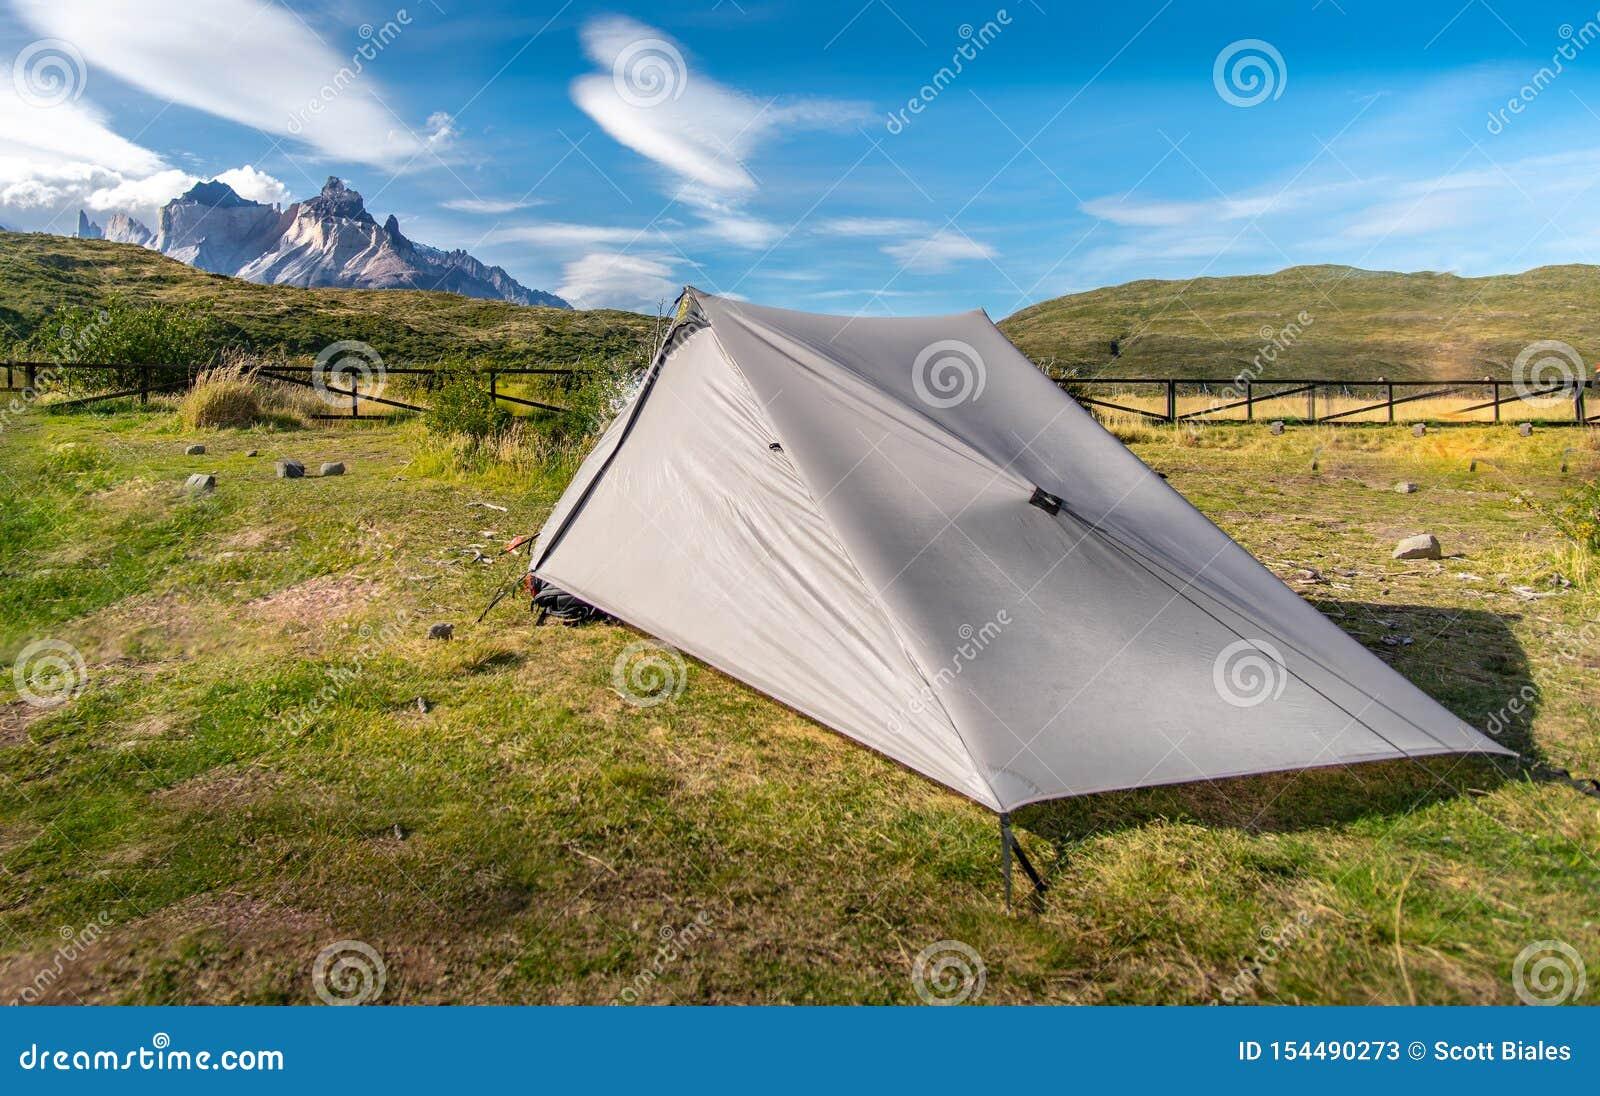 被投的帐篷和山在巴塔哥尼亚